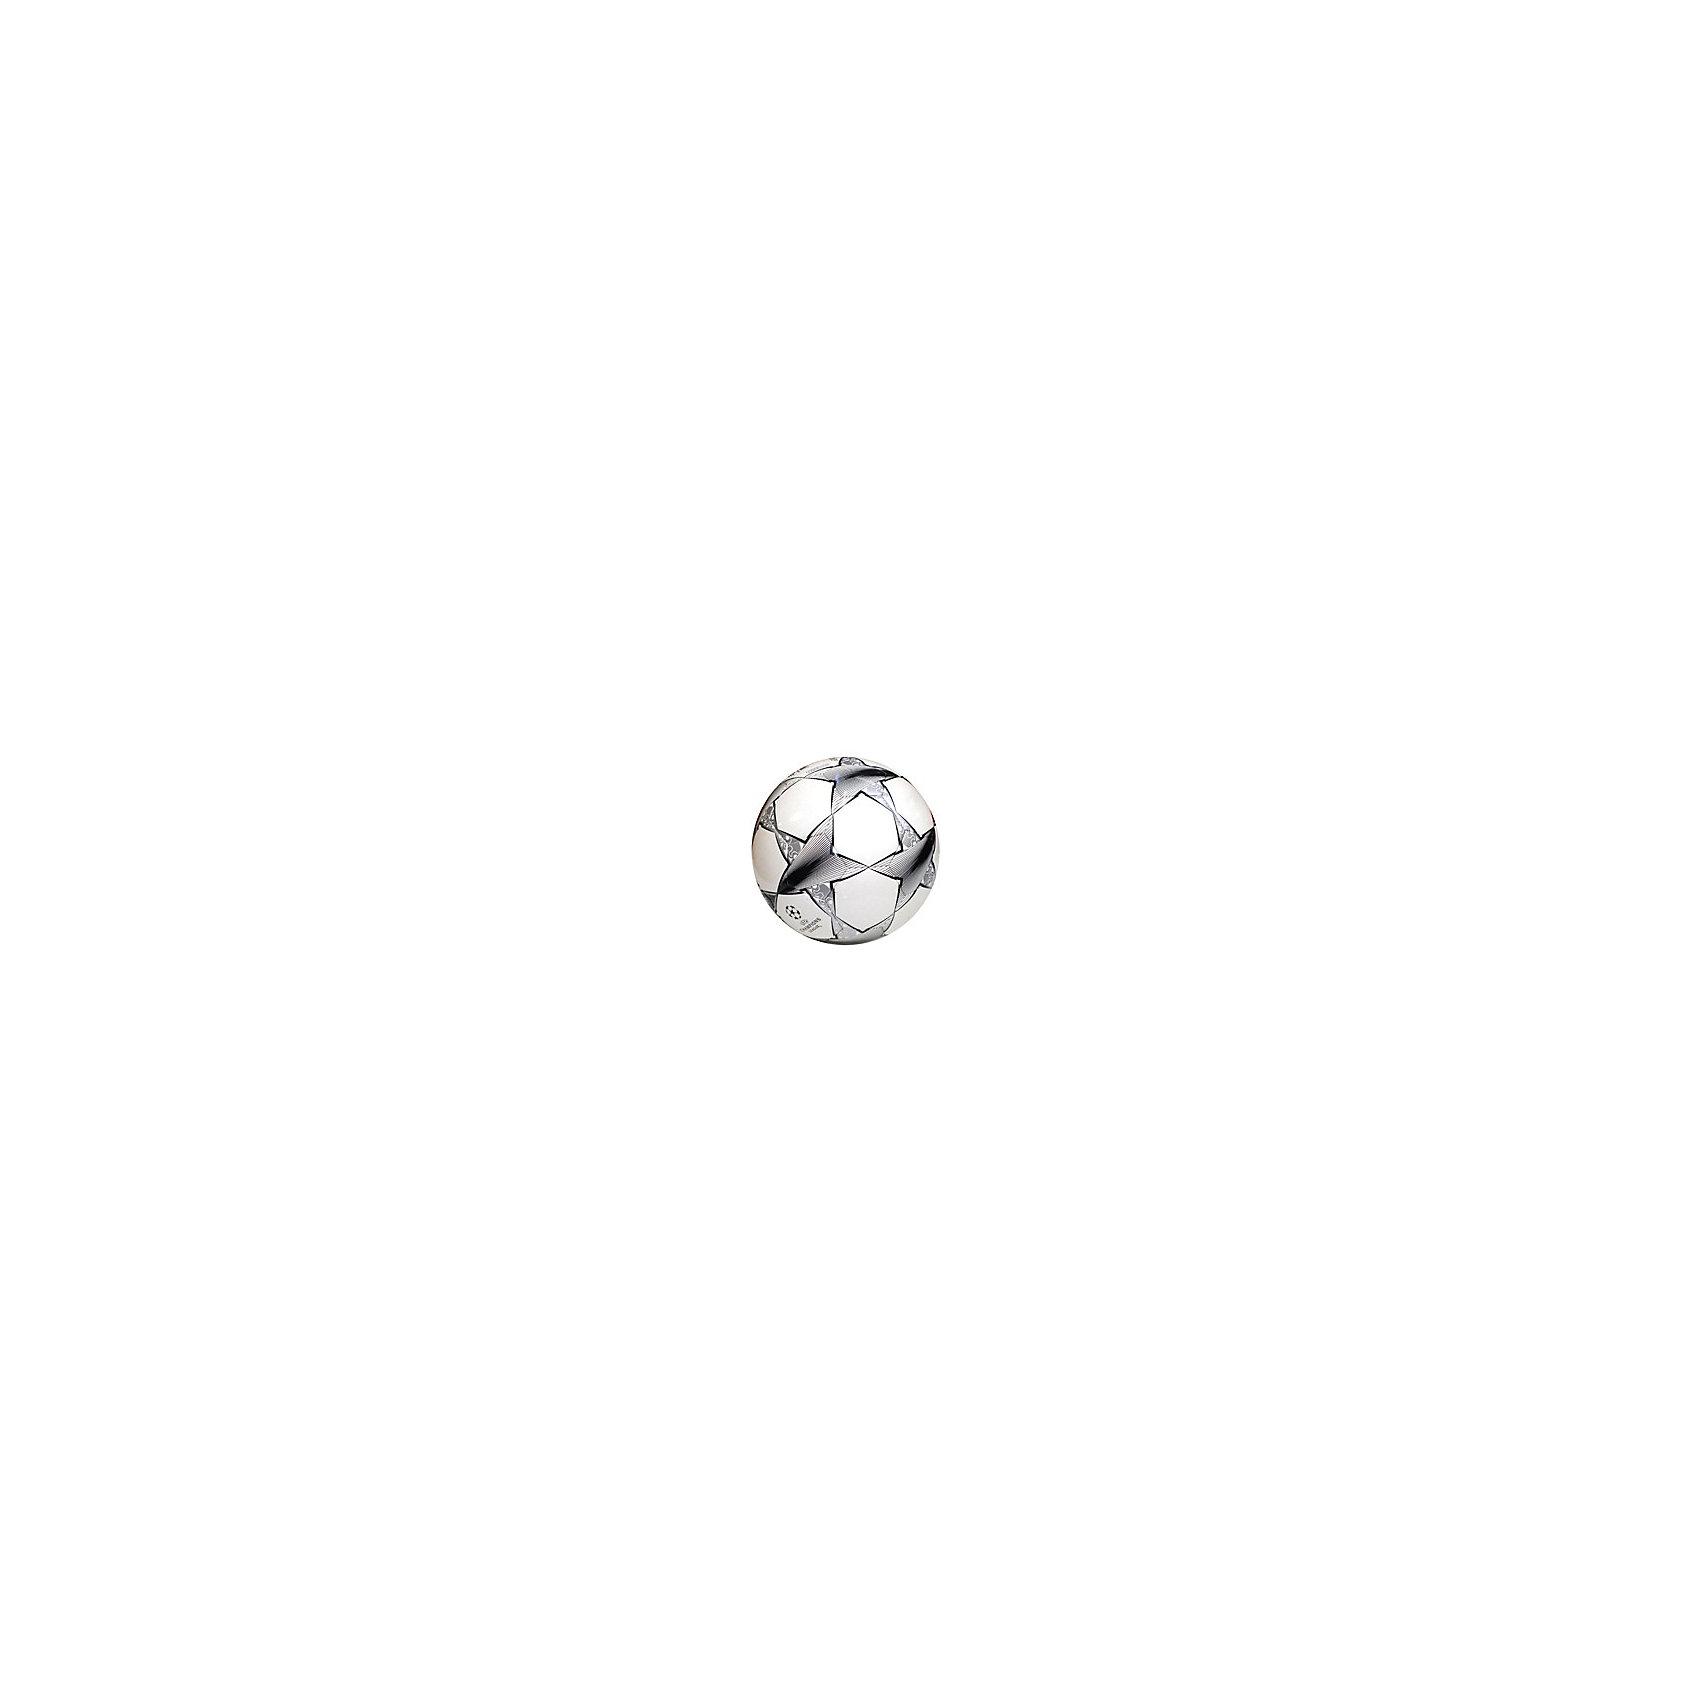 Футбольный мяч Звездный, InSummerМячи детские<br>Футбольный мяч Звездный, InSummer<br><br>Характеристики:<br>- Состав: поливинилхлорид  <br>- Размер: 27 см.<br>- Продается в сдутом виде<br><br>Футбольный мяч Звездный от производителя товаров для для детей InSummer (Инсаммер) станет неотъемлемой частью игр на свежем воздухе и в спортивном зале. Легкий надувной мяч безопасен для детей и даже играя в «вышибалы» не нанесет повреждений. Интересный дизайн со звездами придет по вкусу вашему футболисту. С этим мячом можно играть в футбол а можно придумать множество своих игр. Мяч не позволит детям сидеть на месте и поможет развить координацию движений, реакцию и подарит множество детских воспоминаний.<br><br>Футбольный мяч Звездный, InSummer (Инсаммер)  можно купить в нашем интернет-магазине.<br>Подробнее:<br>• Для детей в возрасте: от 3 до 10 лет <br>• Номер товара: 4624471<br>Страна производитель: Китай<br><br>Ширина мм: 250<br>Глубина мм: 120<br>Высота мм: 100<br>Вес г: 67<br>Возраст от месяцев: 36<br>Возраст до месяцев: 120<br>Пол: Унисекс<br>Возраст: Детский<br>SKU: 4624471